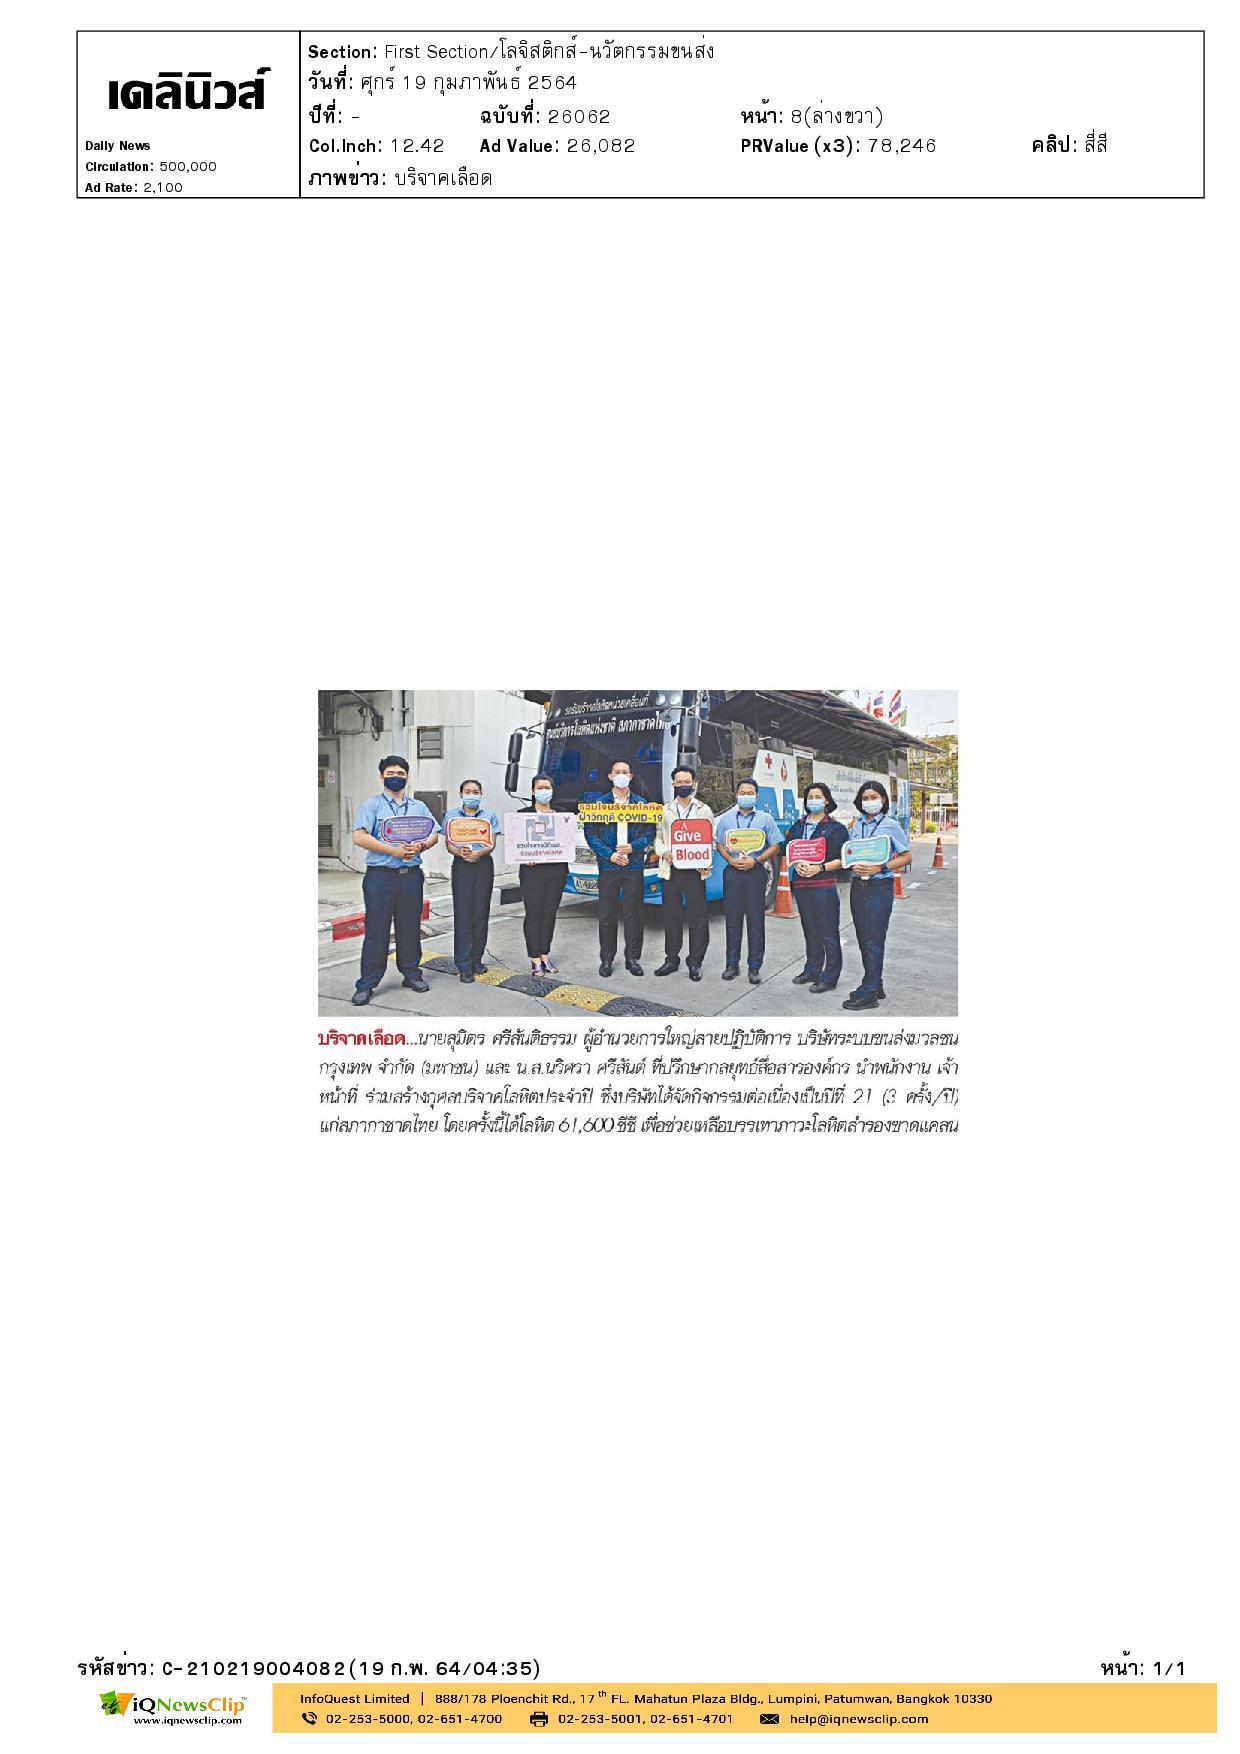 พนักงานระบบขนส่งมวลชนกรุงเทพ ร่วมบริจาคโลหิตประจำปี มอบให้สภากาชาดไทย